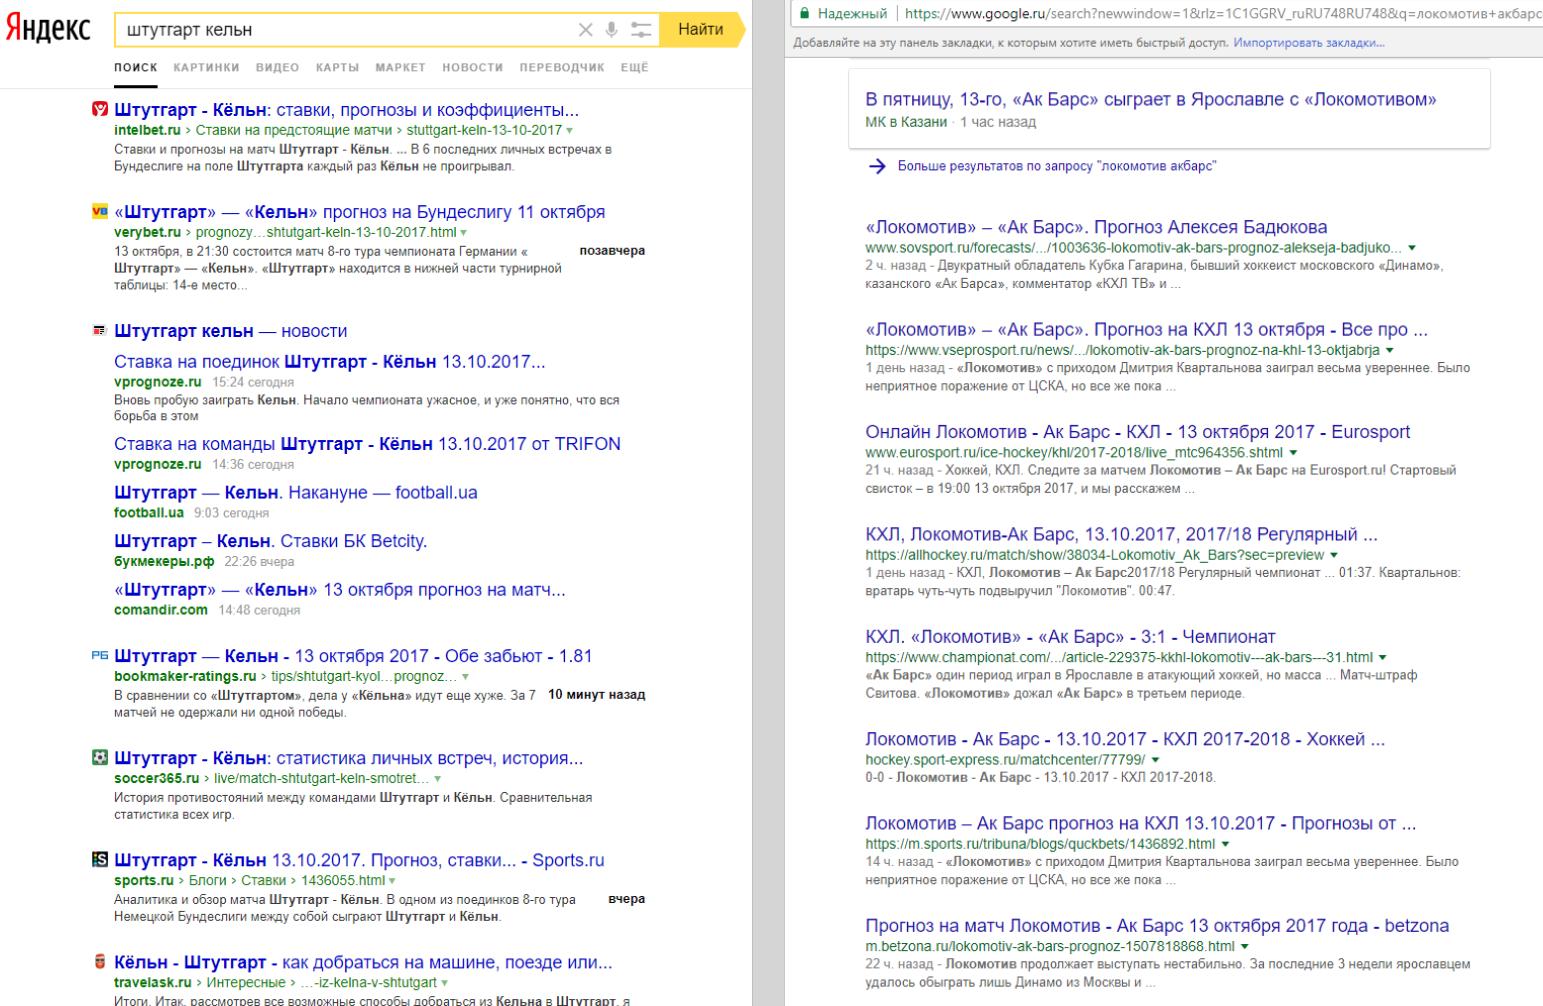 Различия в быстровыдаче Яндекса и Google